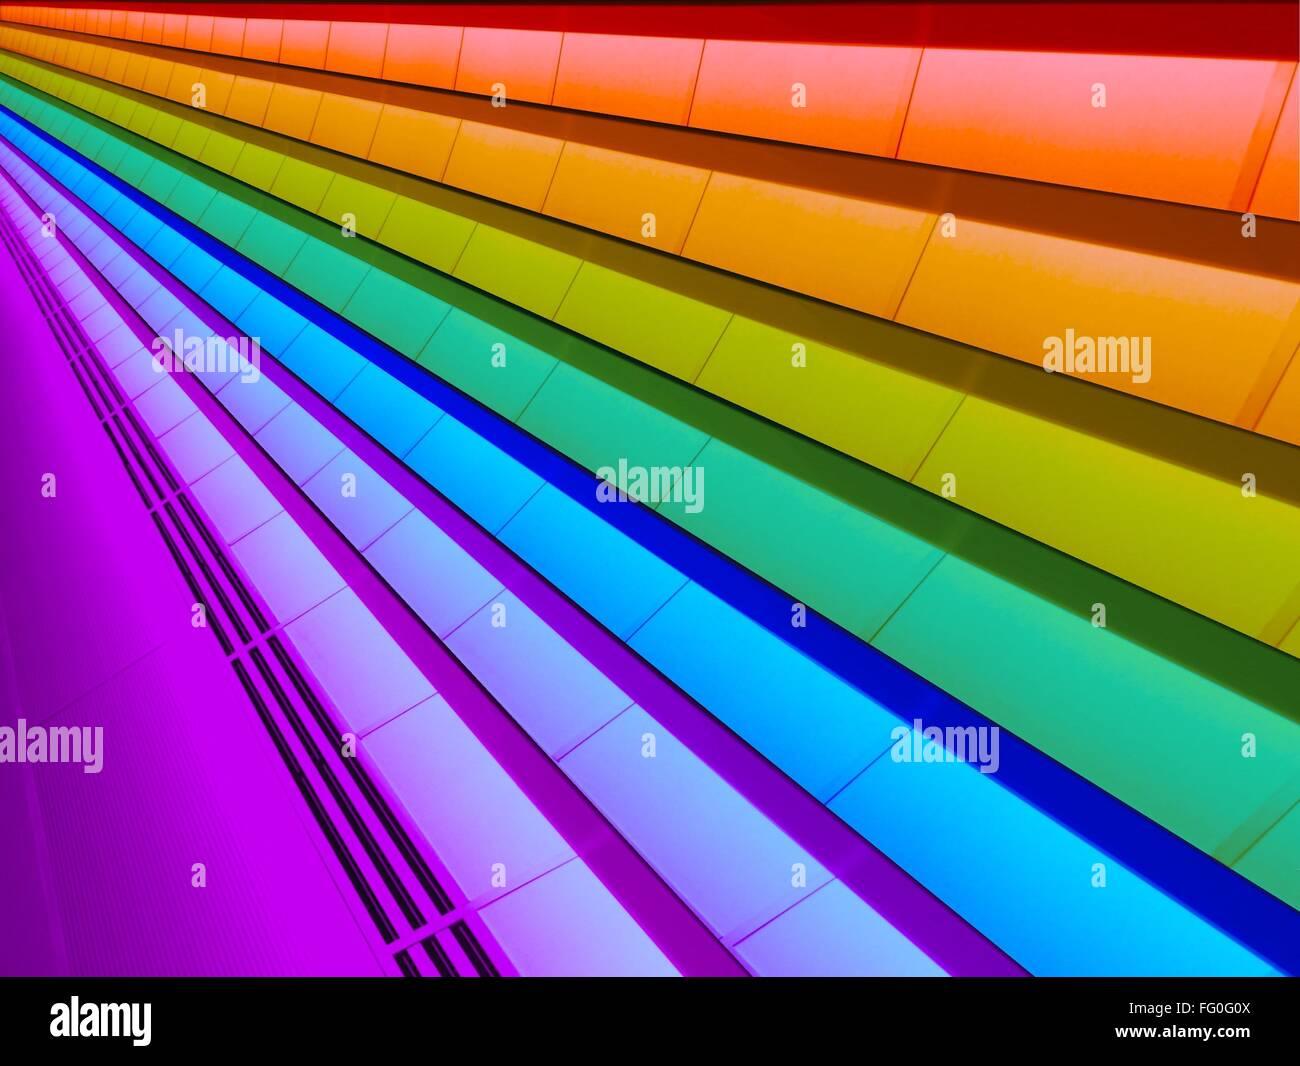 Basso angolo di vista Multi soffitto colorato Immagini Stock